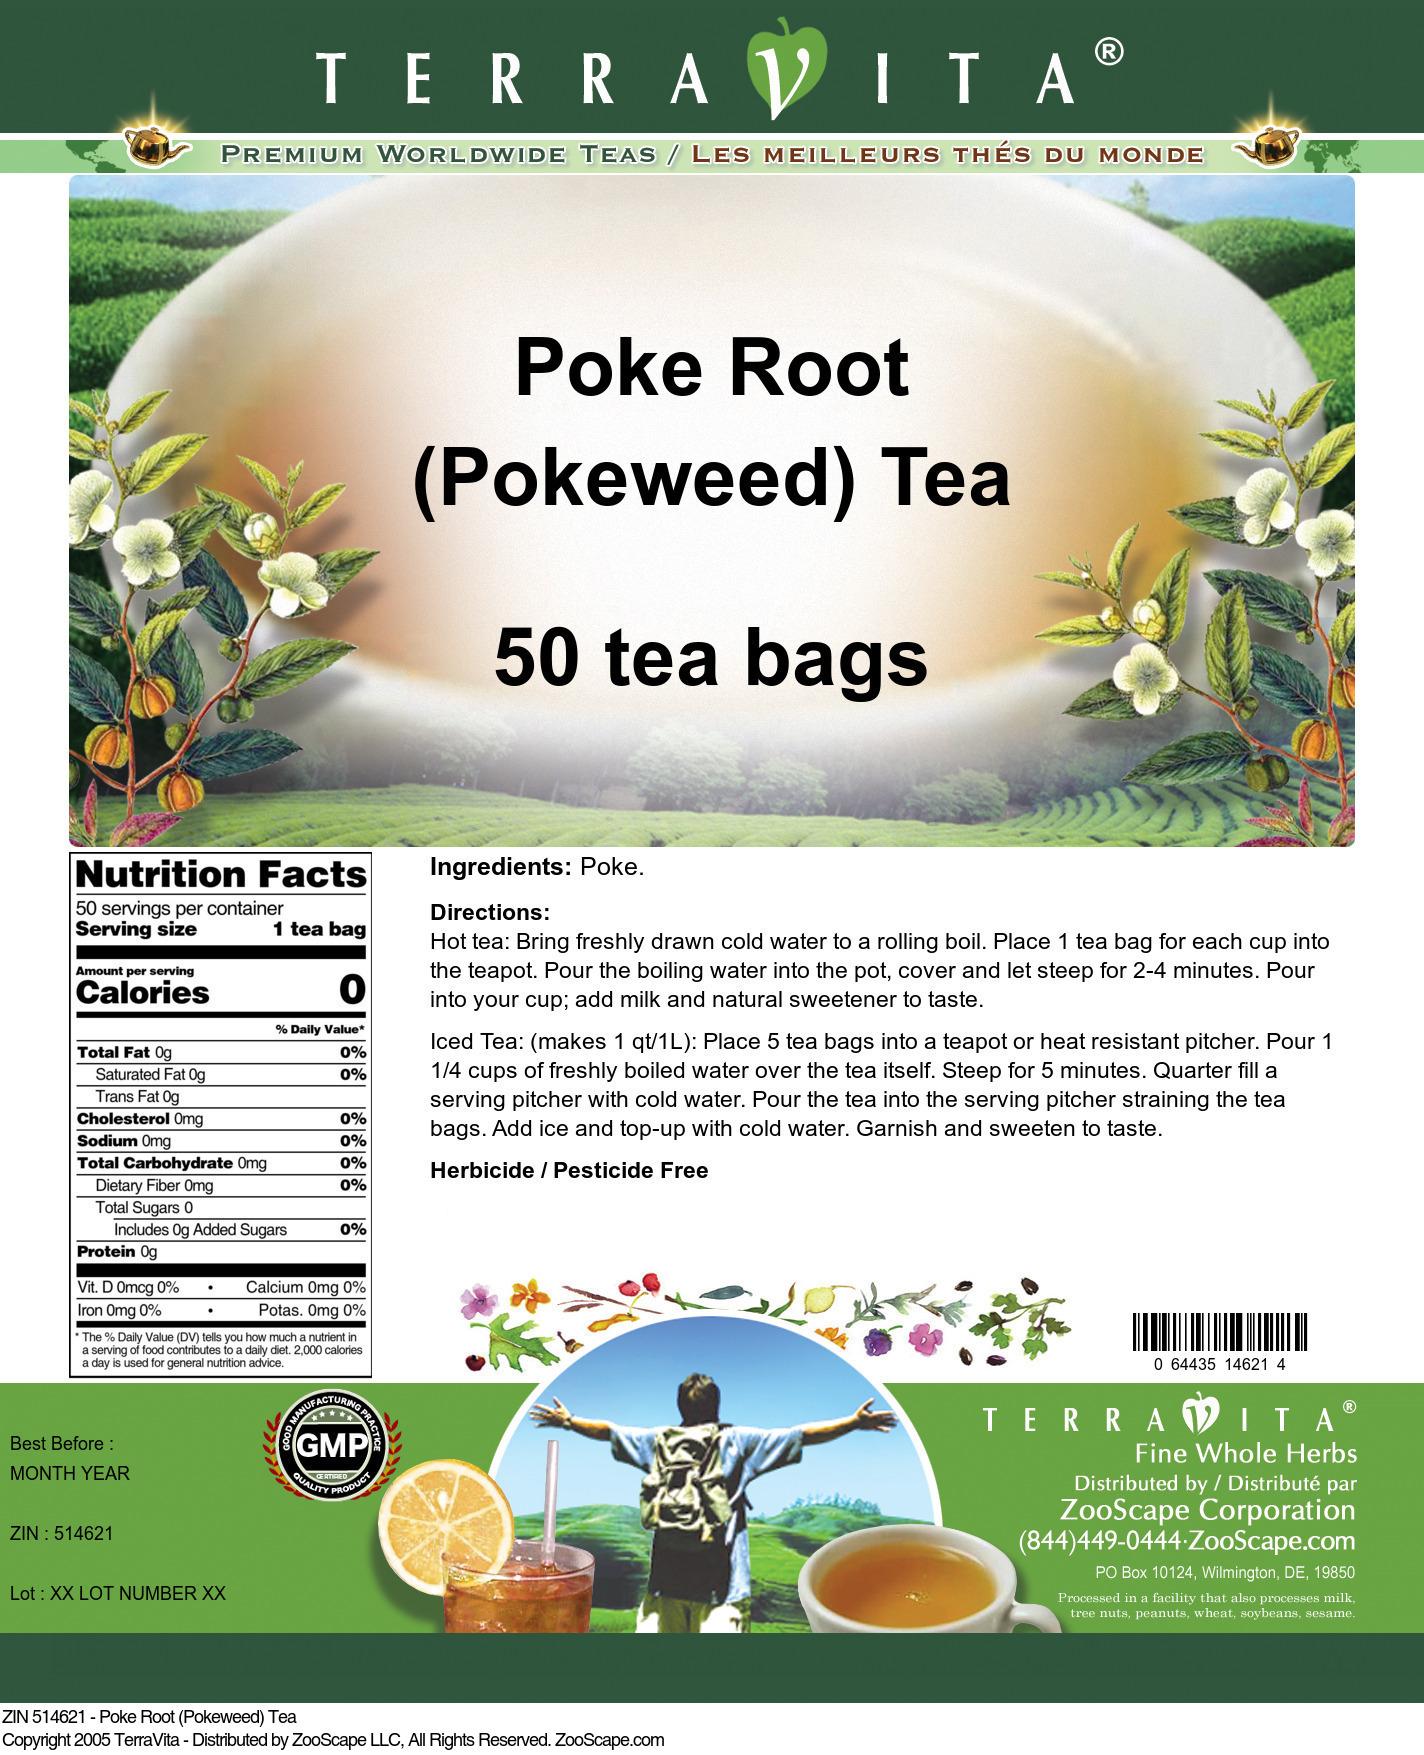 Poke Root keweed)